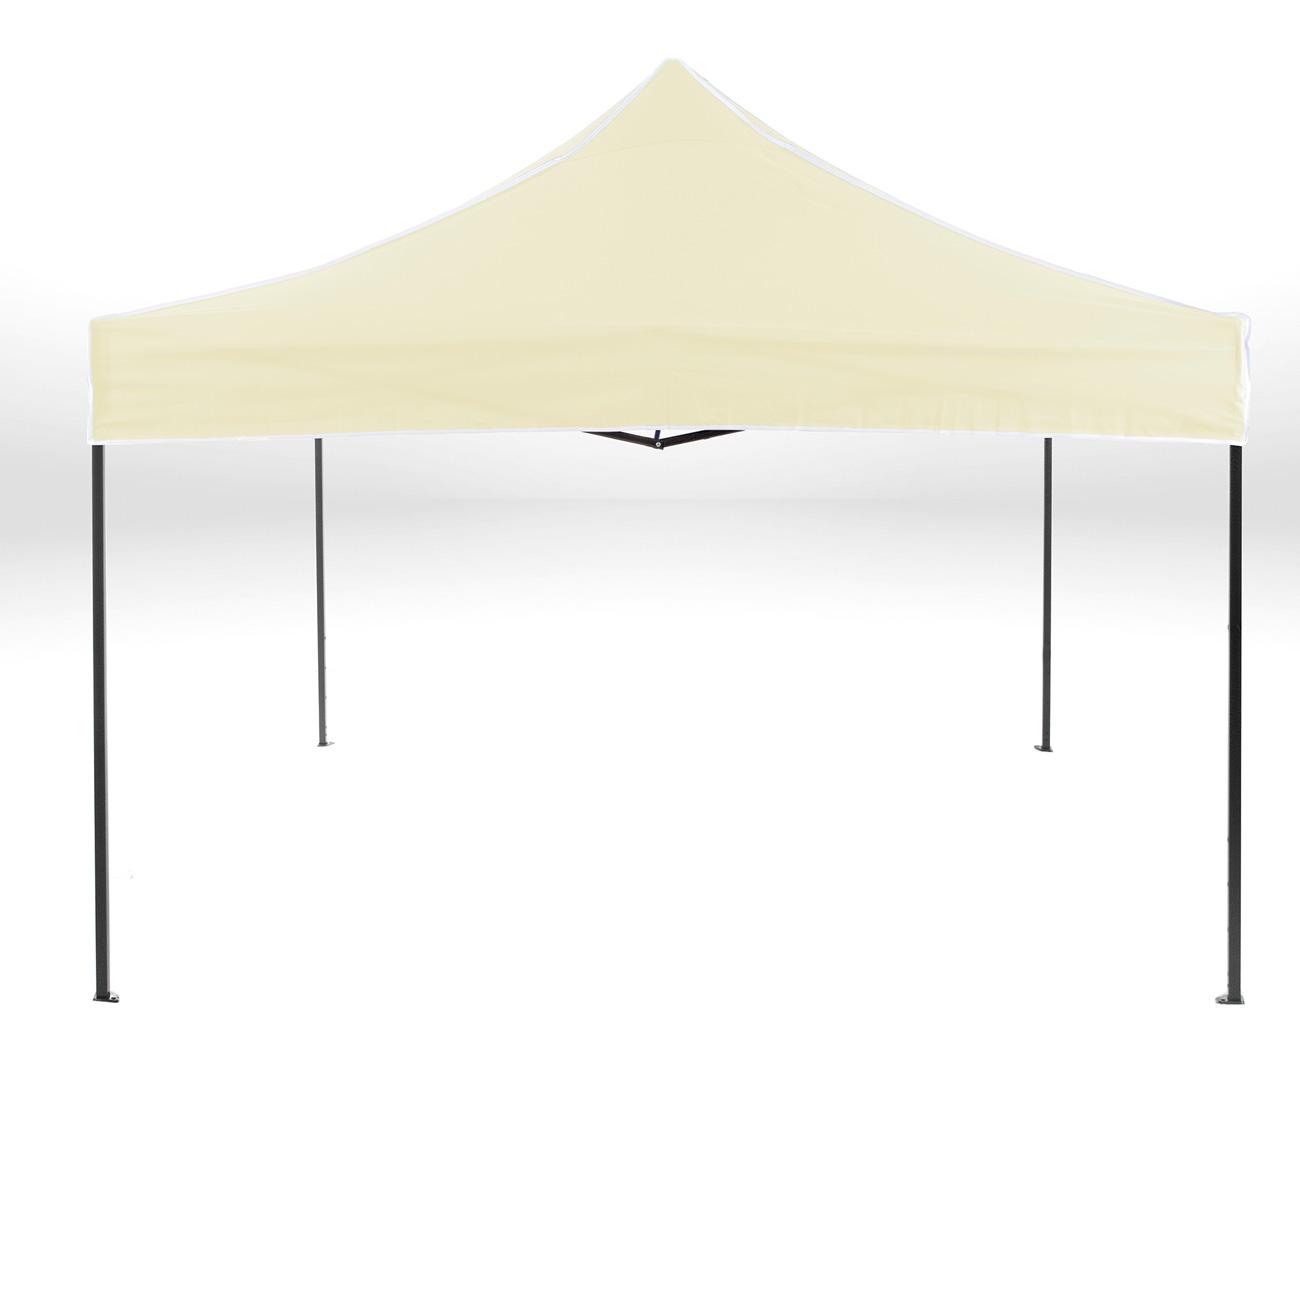 pavillon partyzelt gartenzelt zelt gazebo festzelt festival faltbar strattore ebay. Black Bedroom Furniture Sets. Home Design Ideas